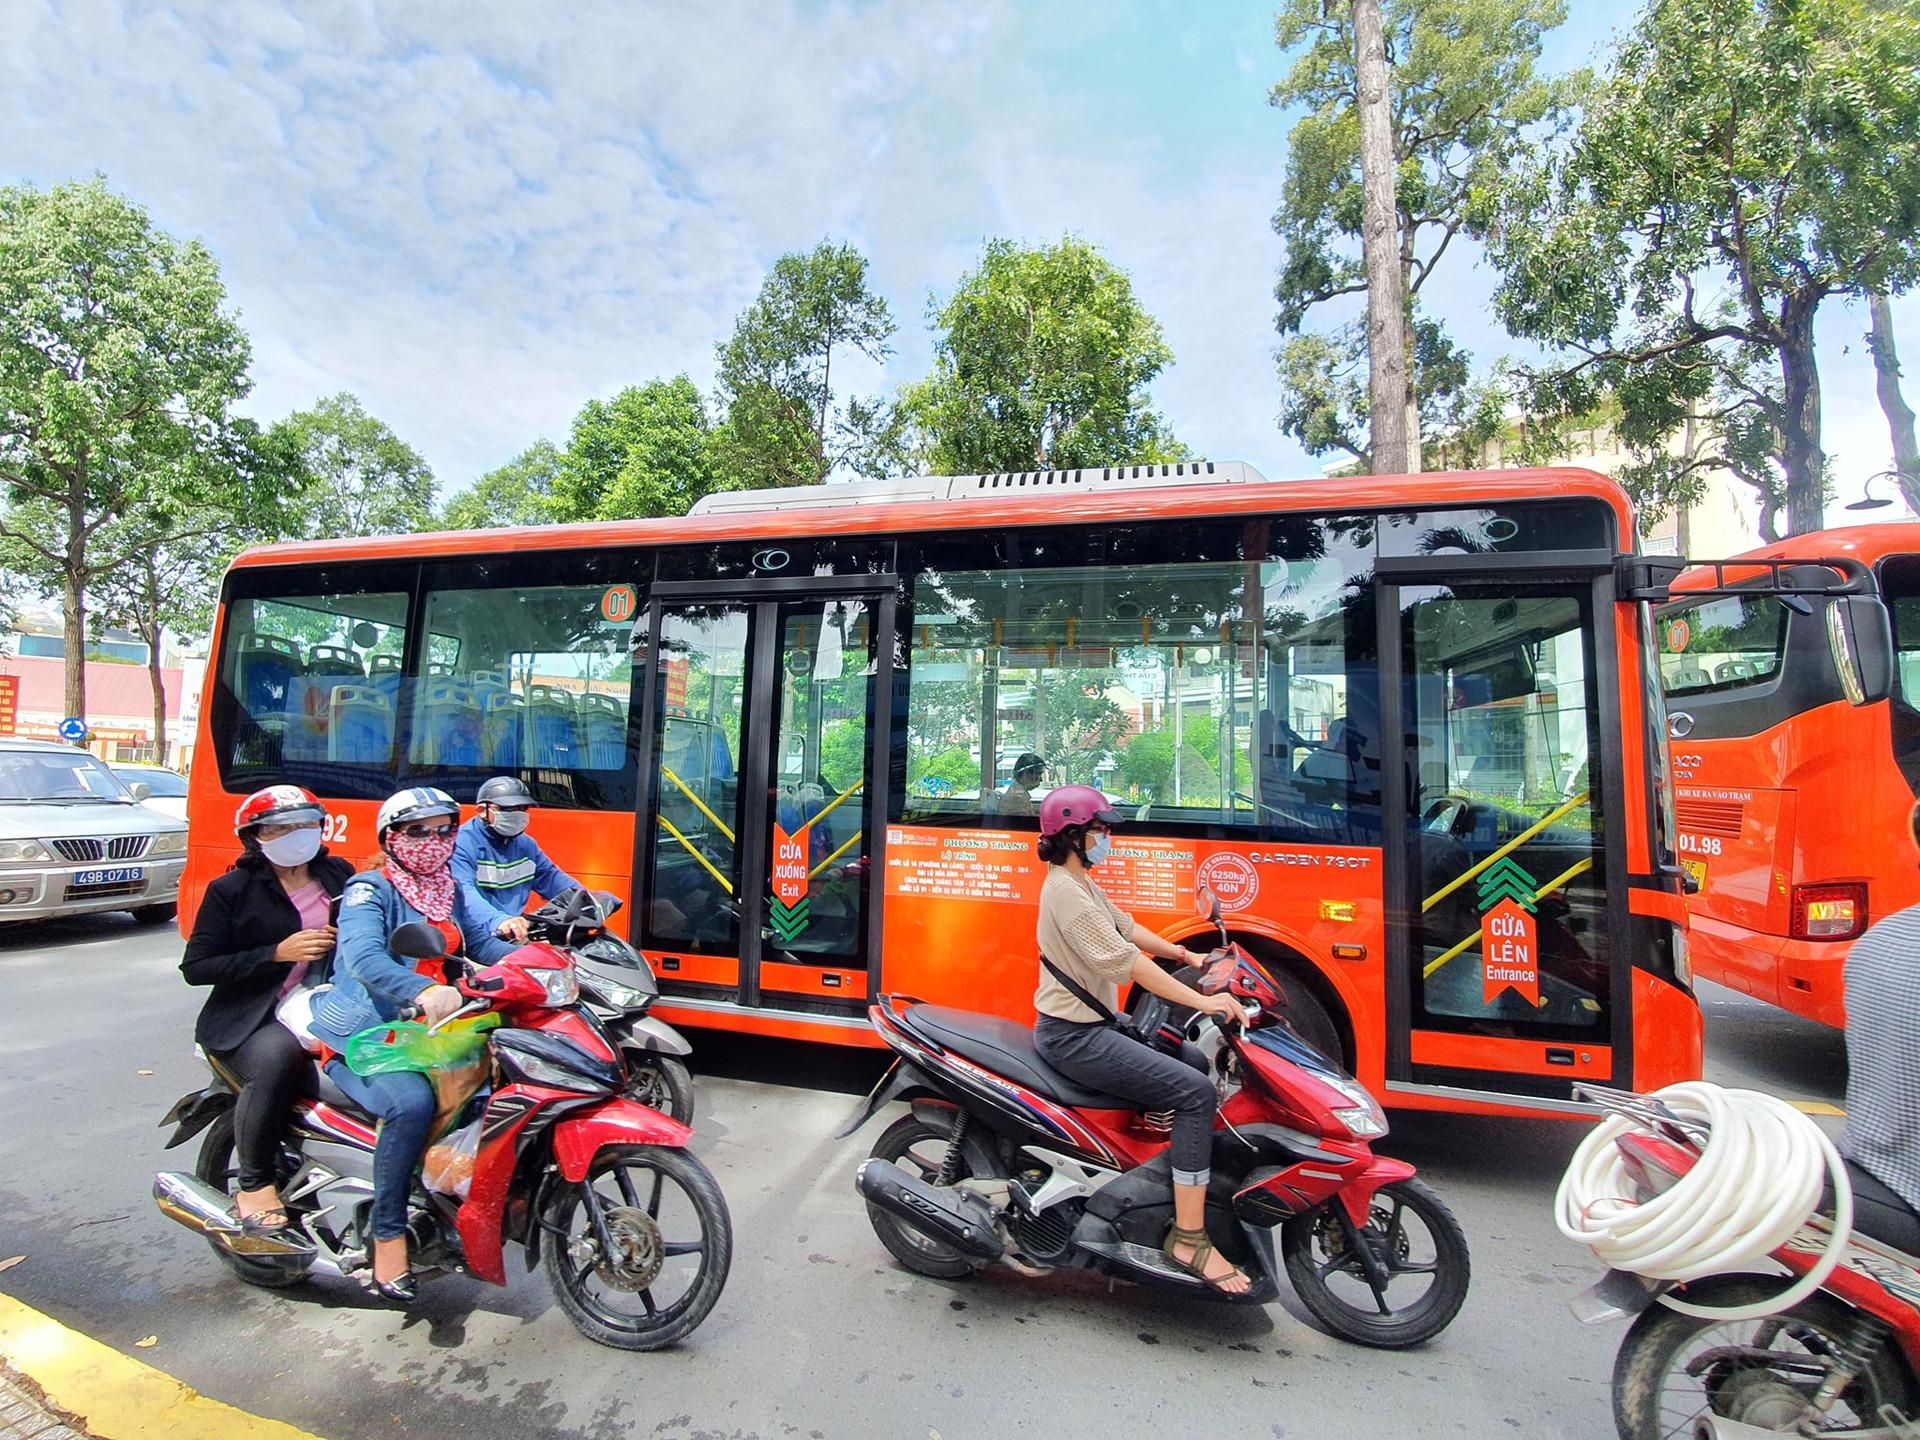 Sự có mặt của xe buýt chất lượng cao trong TP Cần Thơ hướng tới xây dựng một đô thị văn minh, tiên tiến.